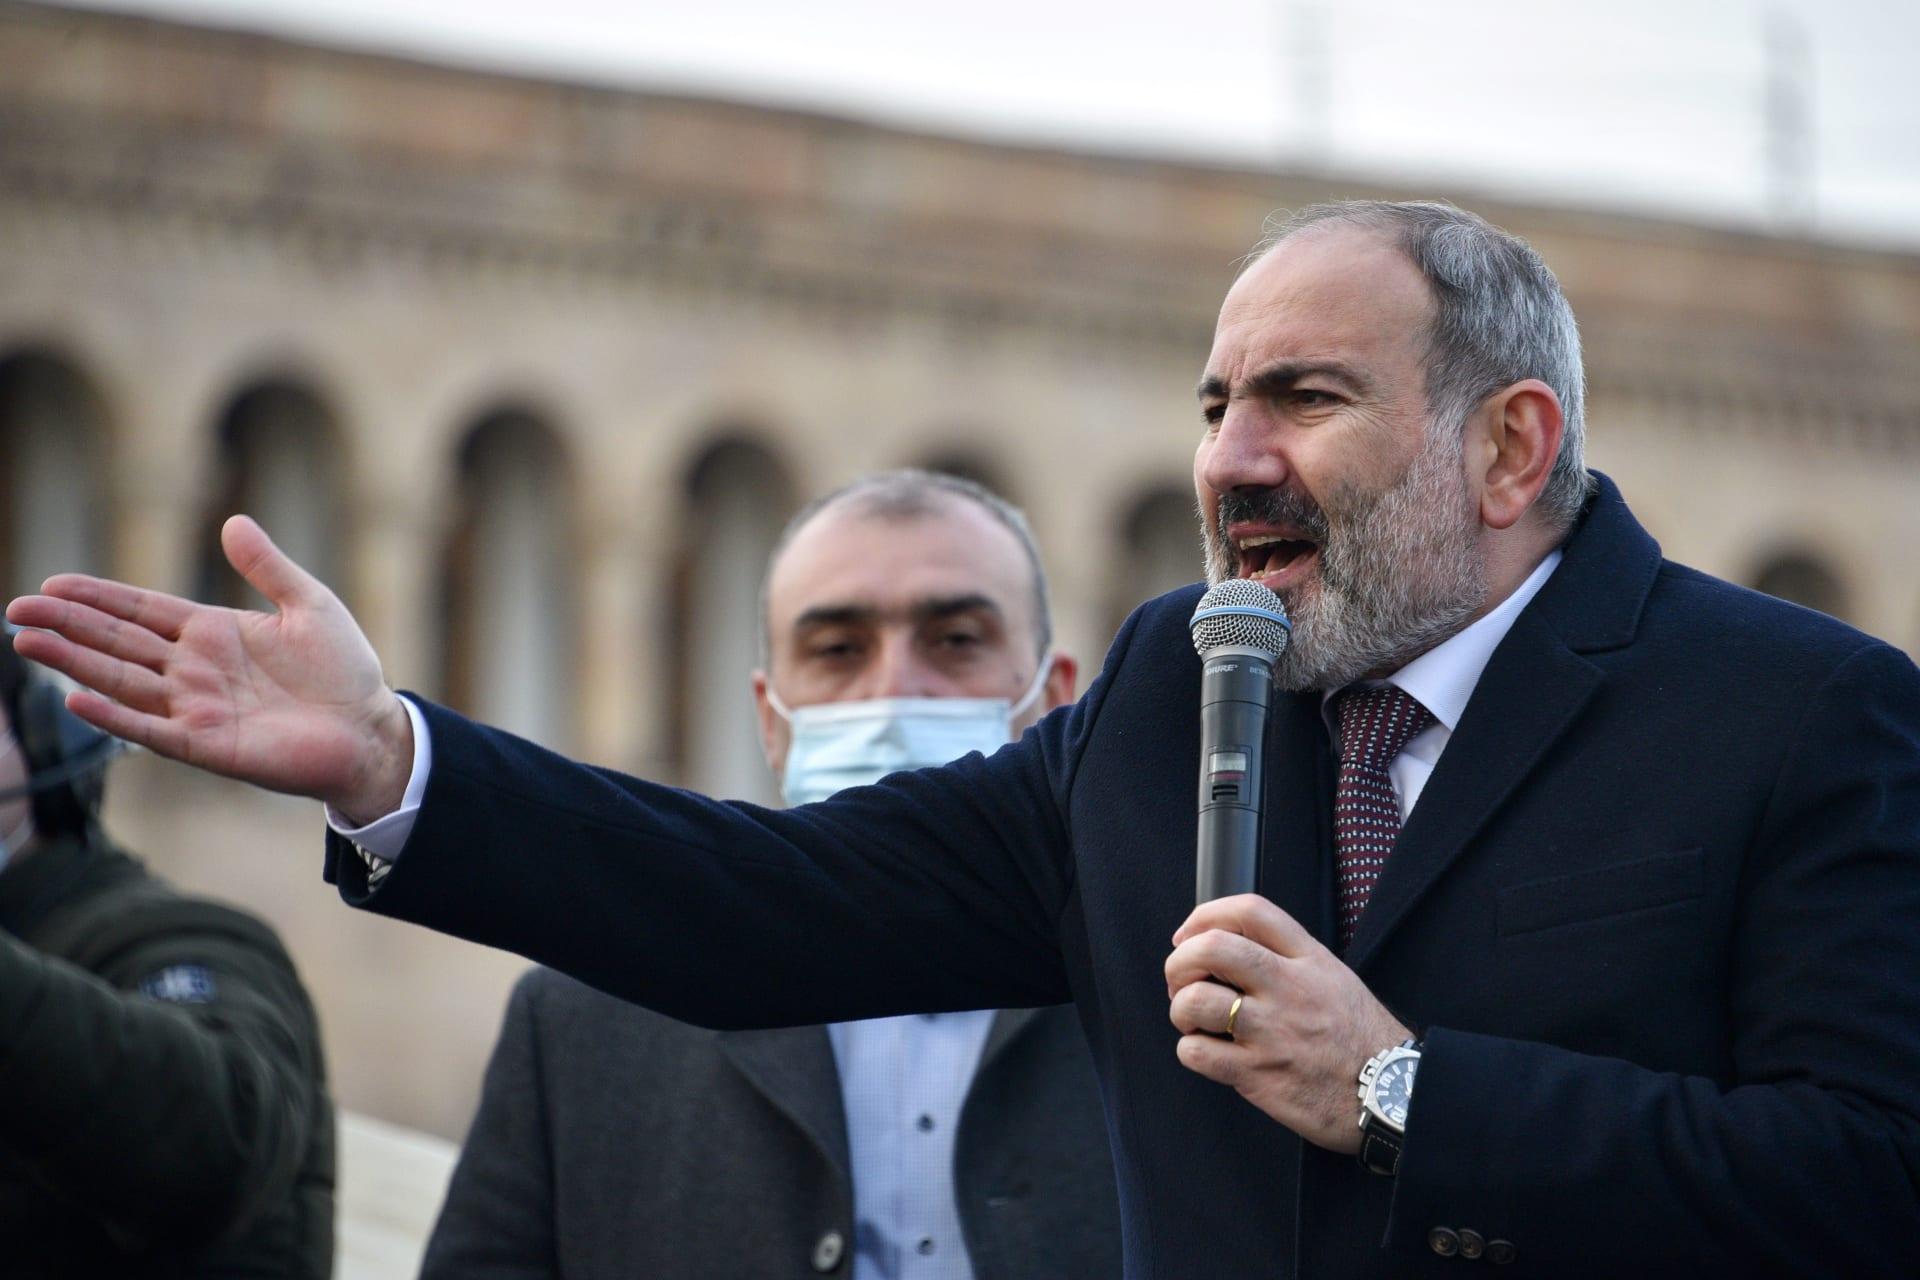 """الجيش الأرميني يطالب رئيس الحكومة بالاستقالة.. وباشينيان: محاولة """"انقلاب عسكري"""""""